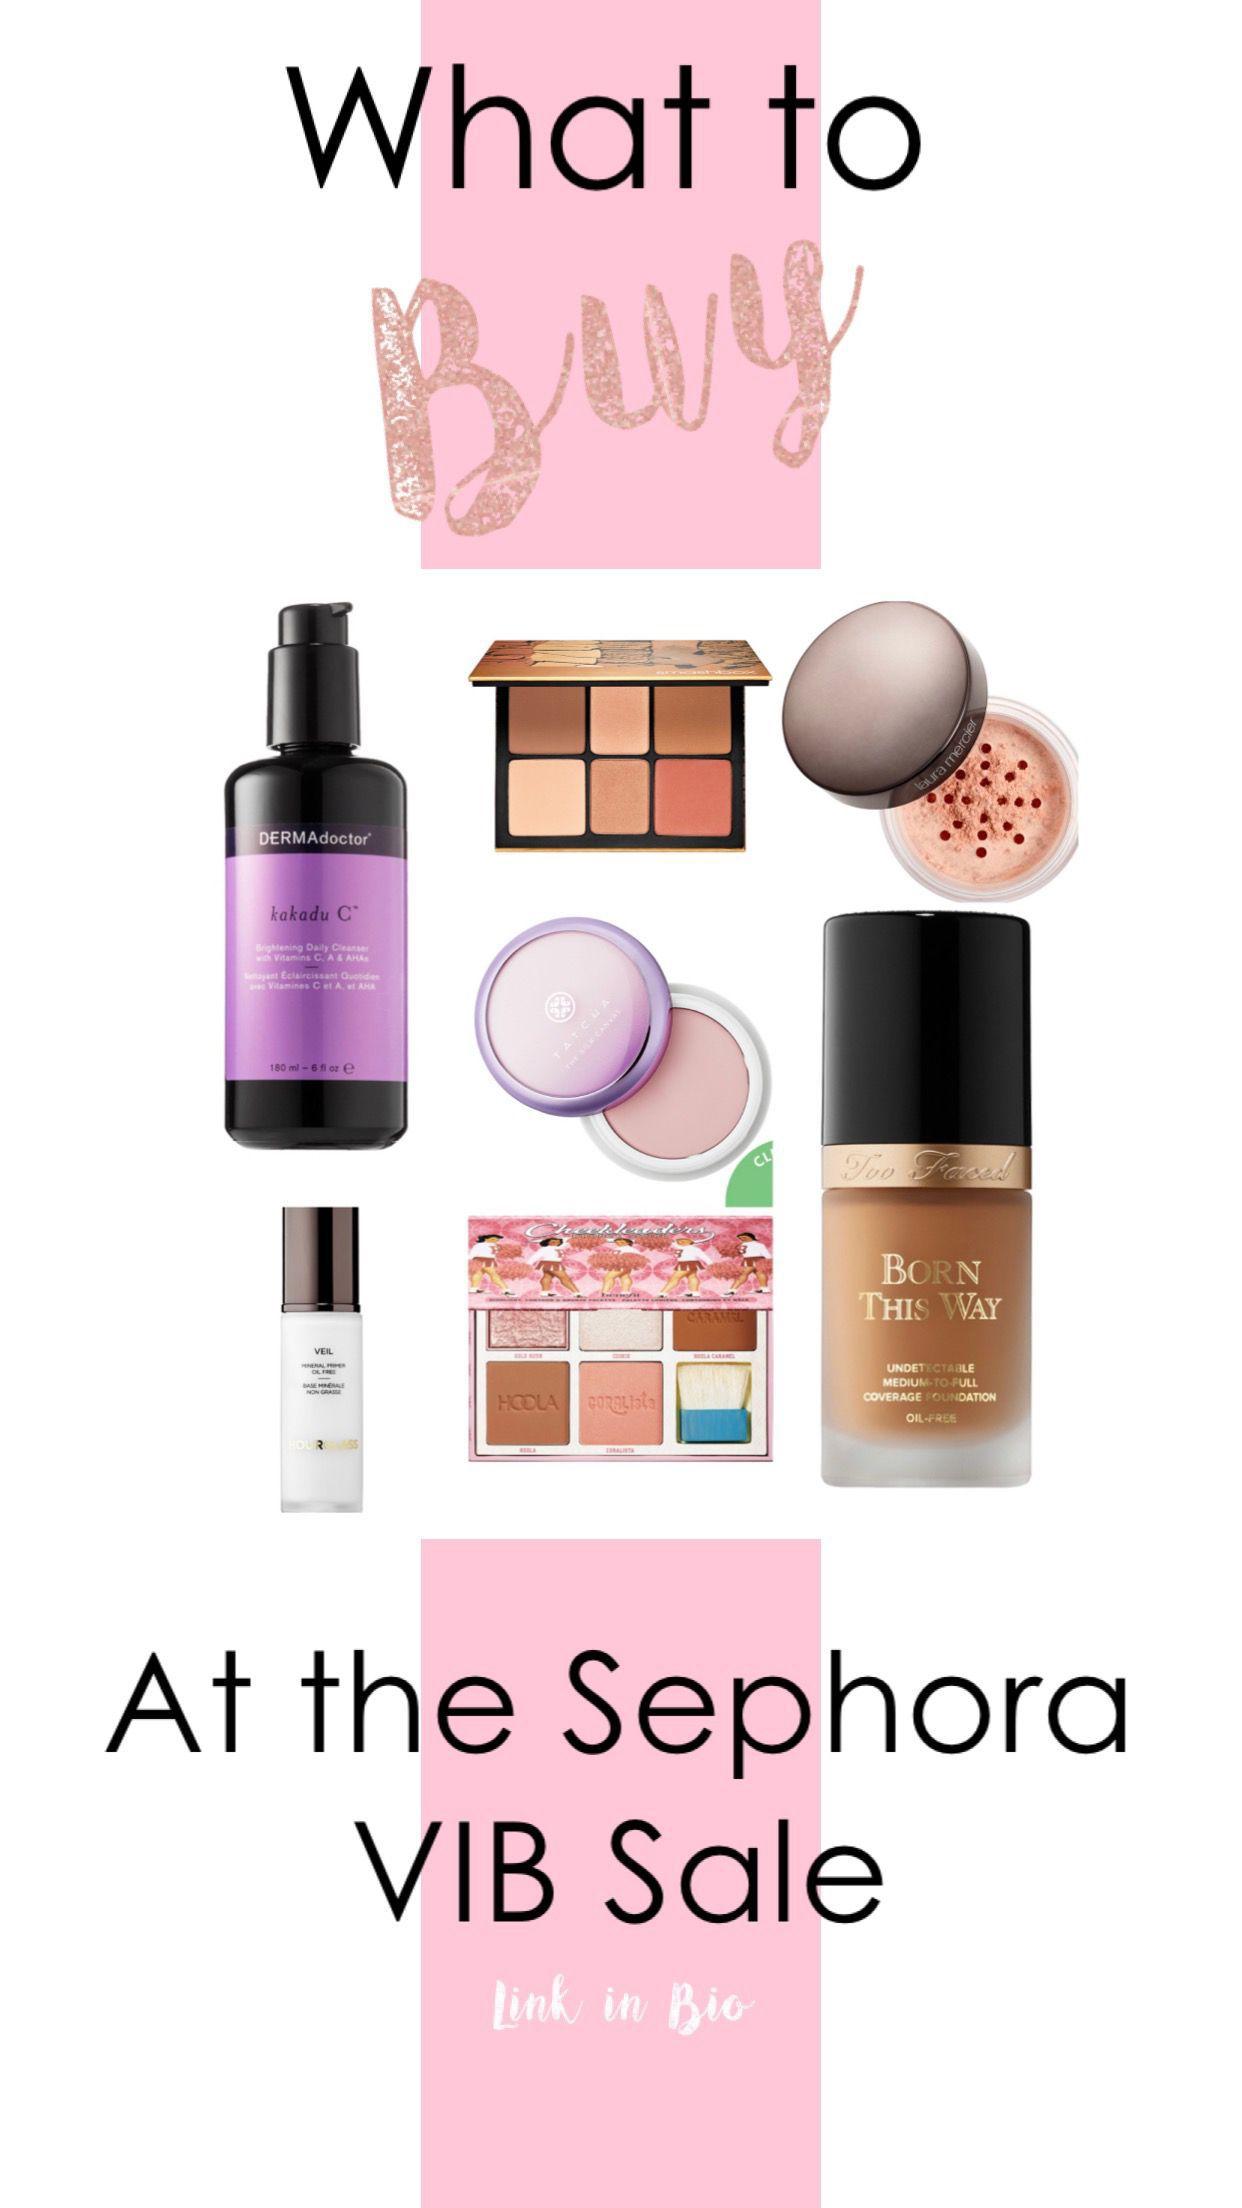 Sephora VIB Sale Beauty blender cleanser